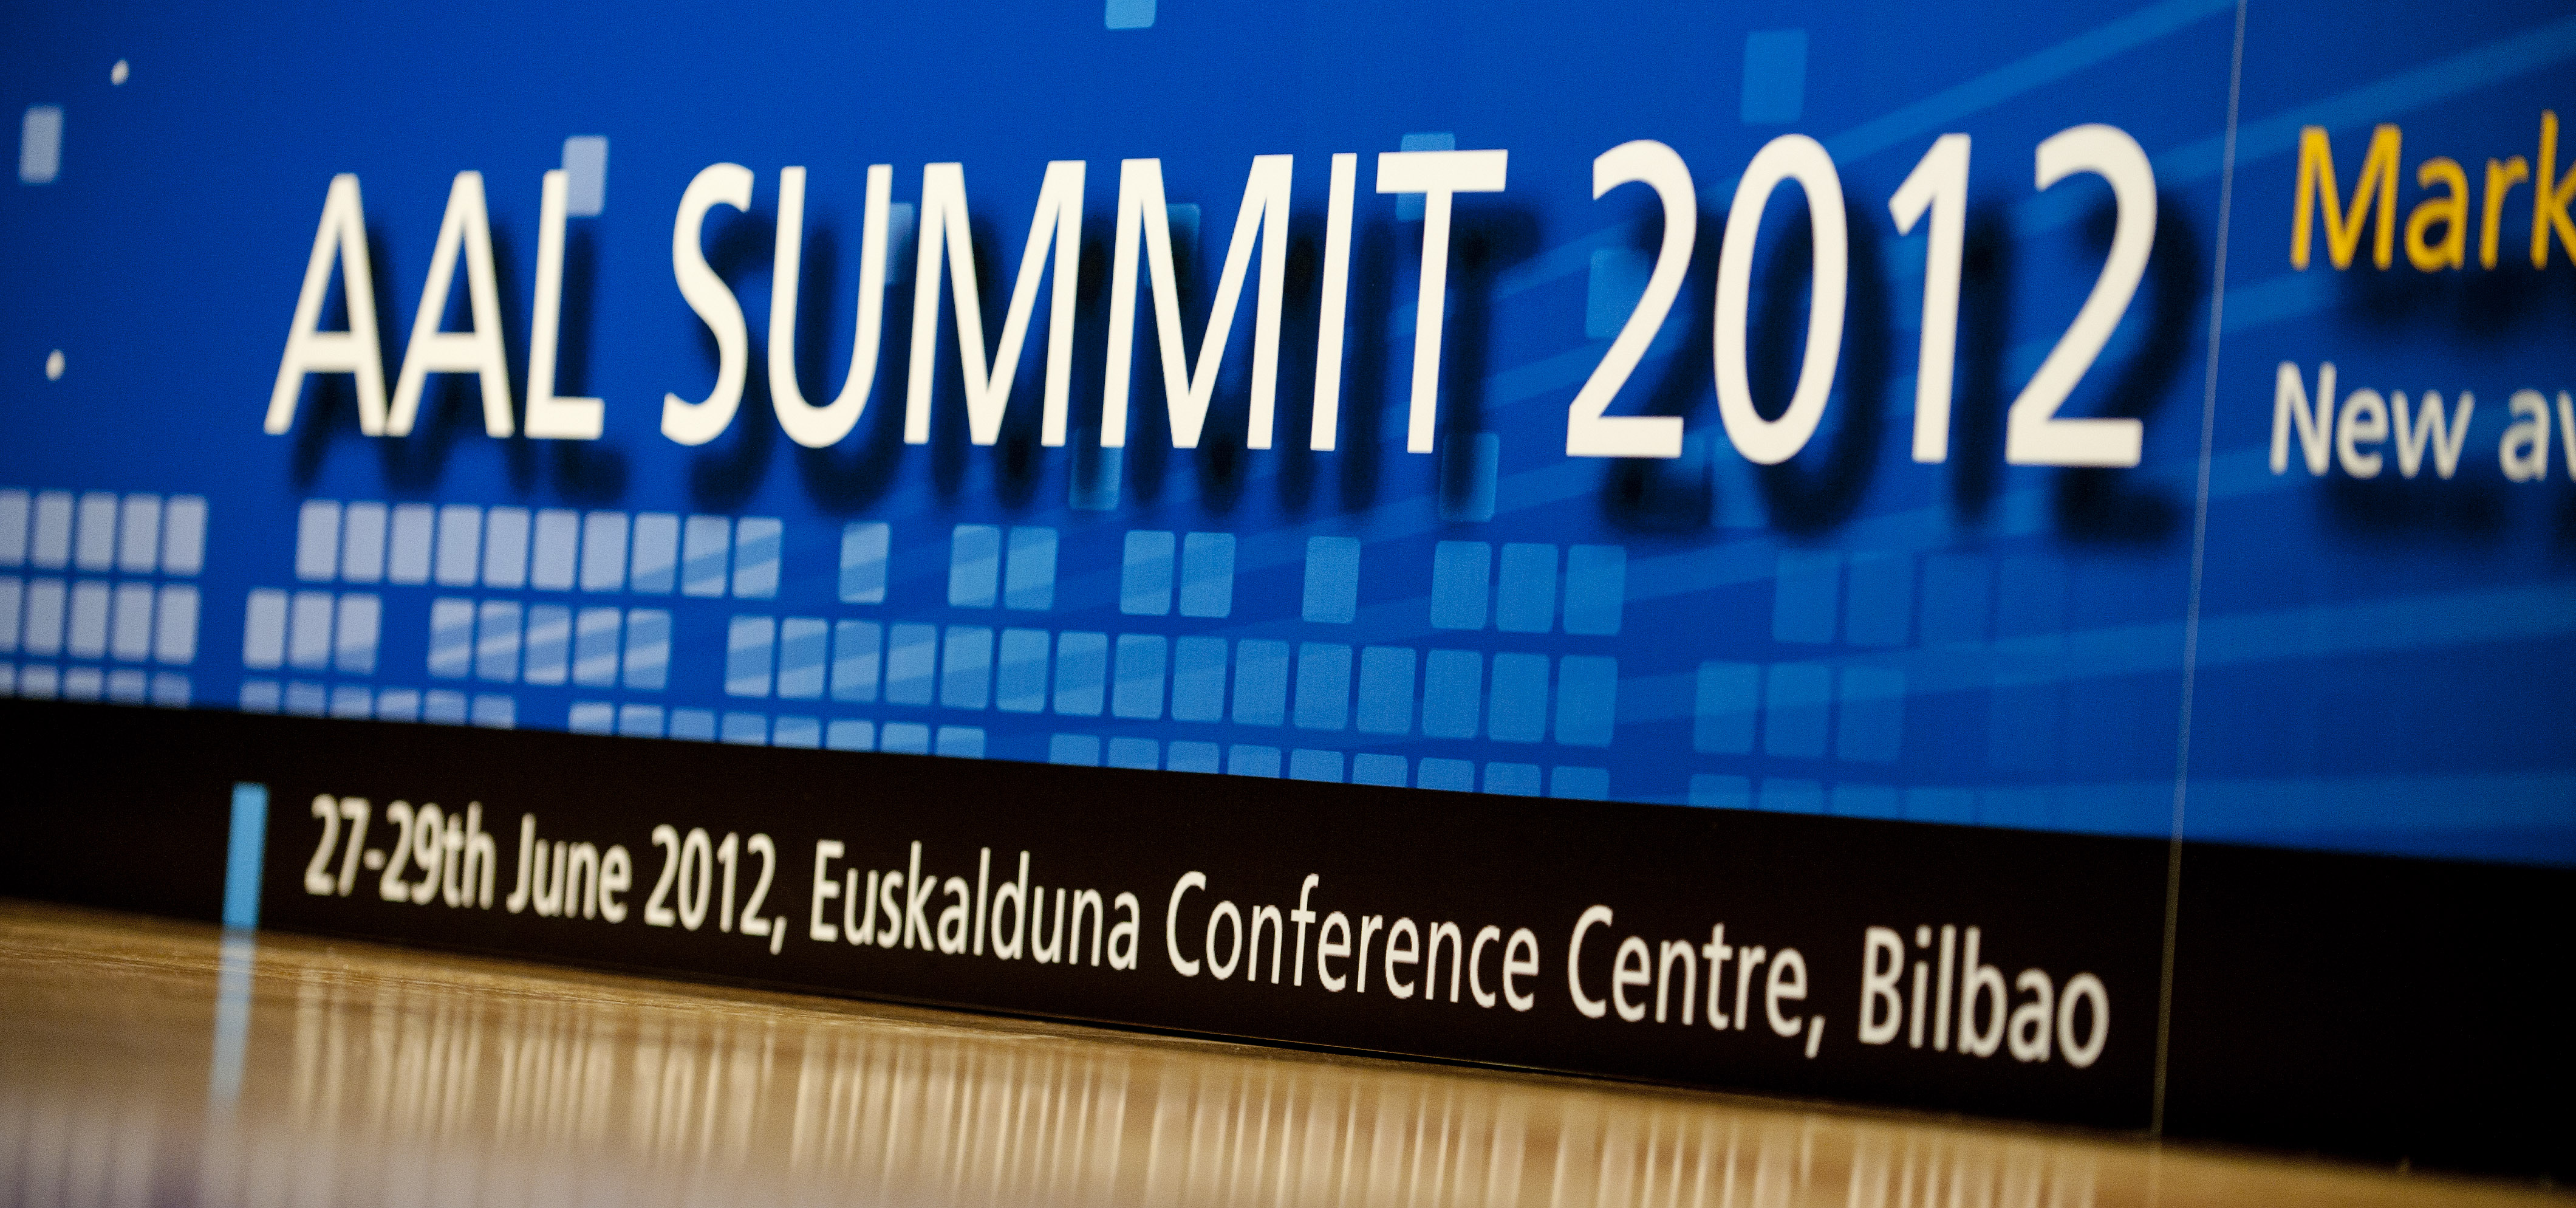 2012_06_29_congreso_aal_summit_04.jpg